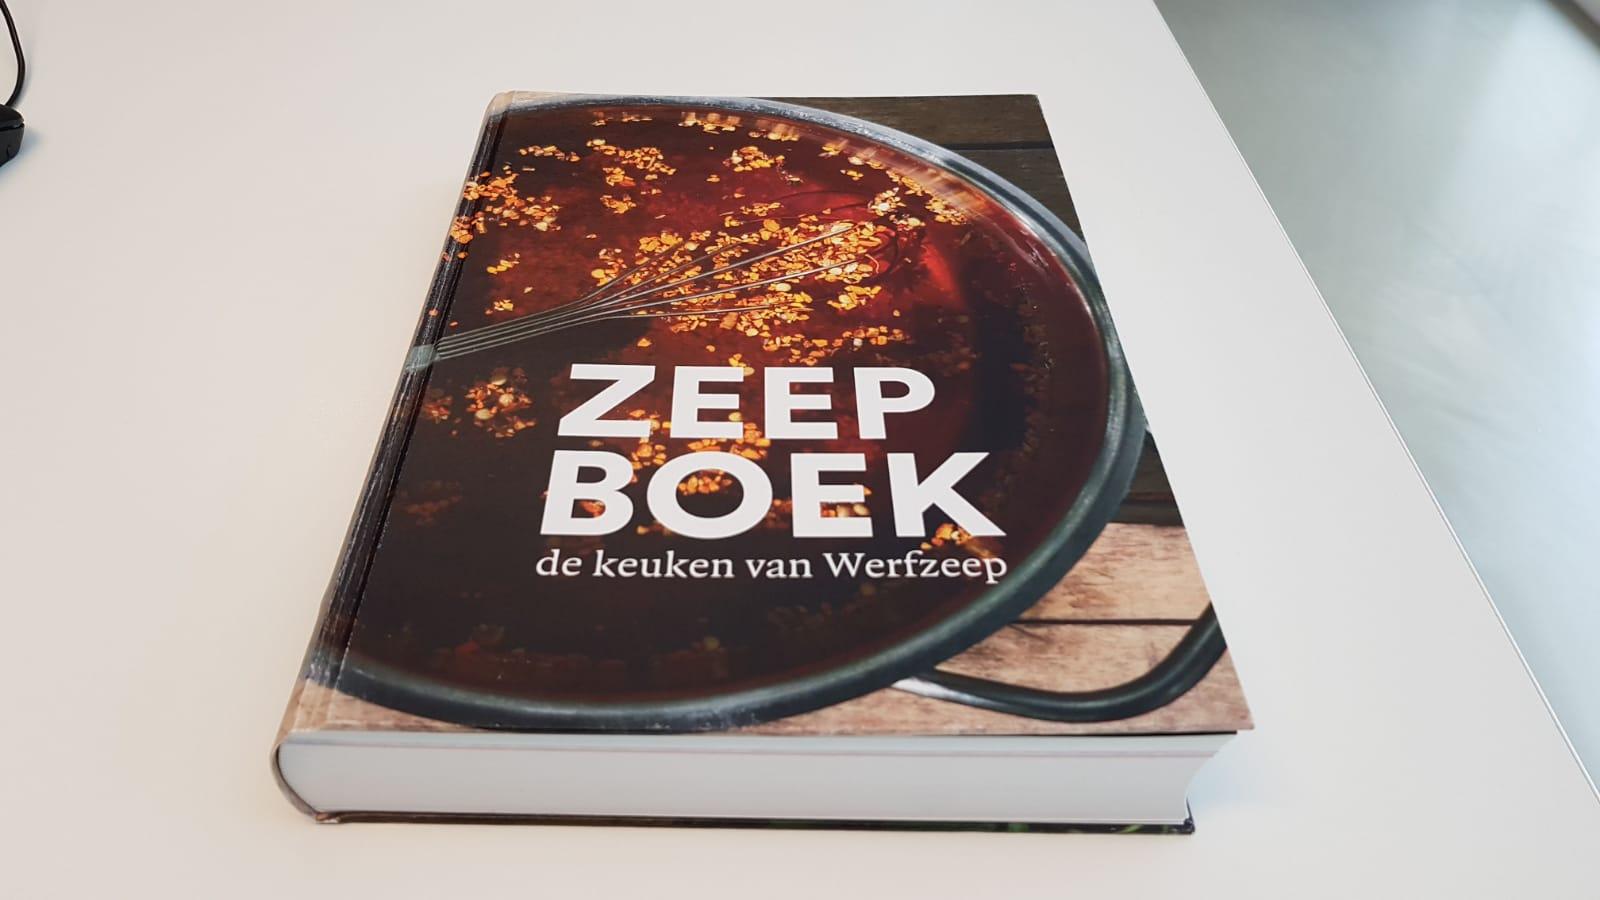 Zeepboek de keuken van Werfzeep